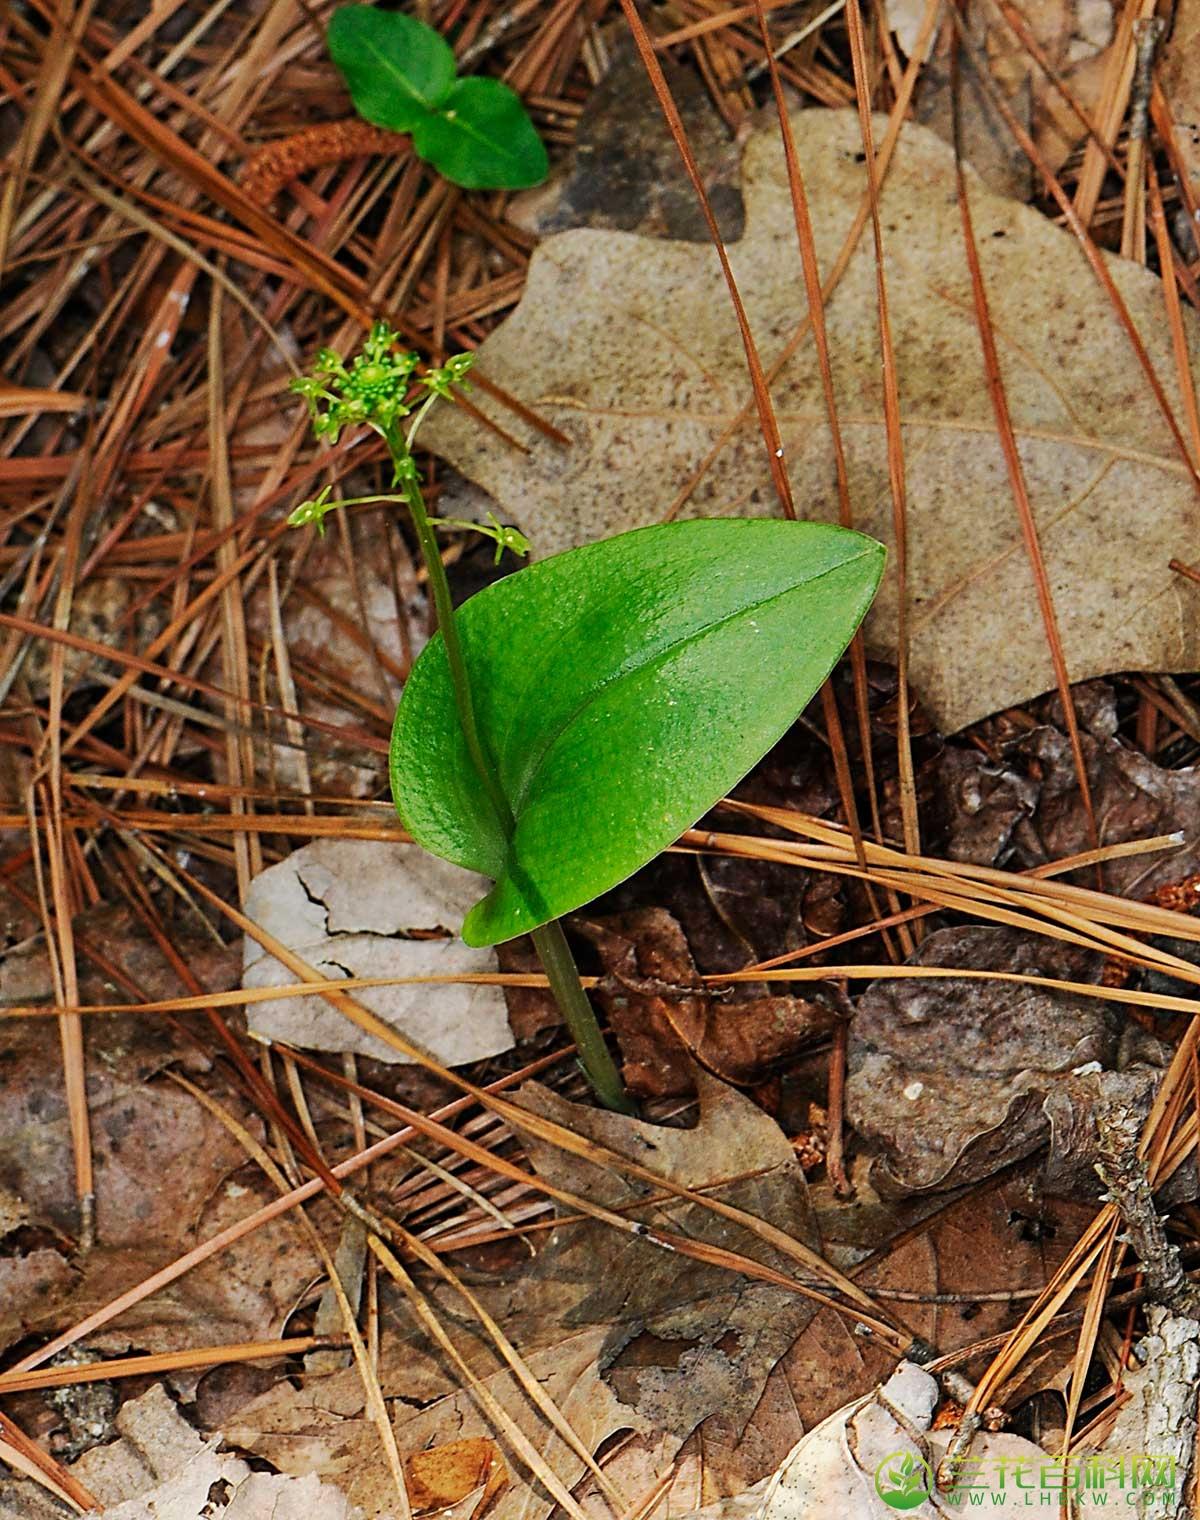 沼兰属养殖栽培与养护技巧